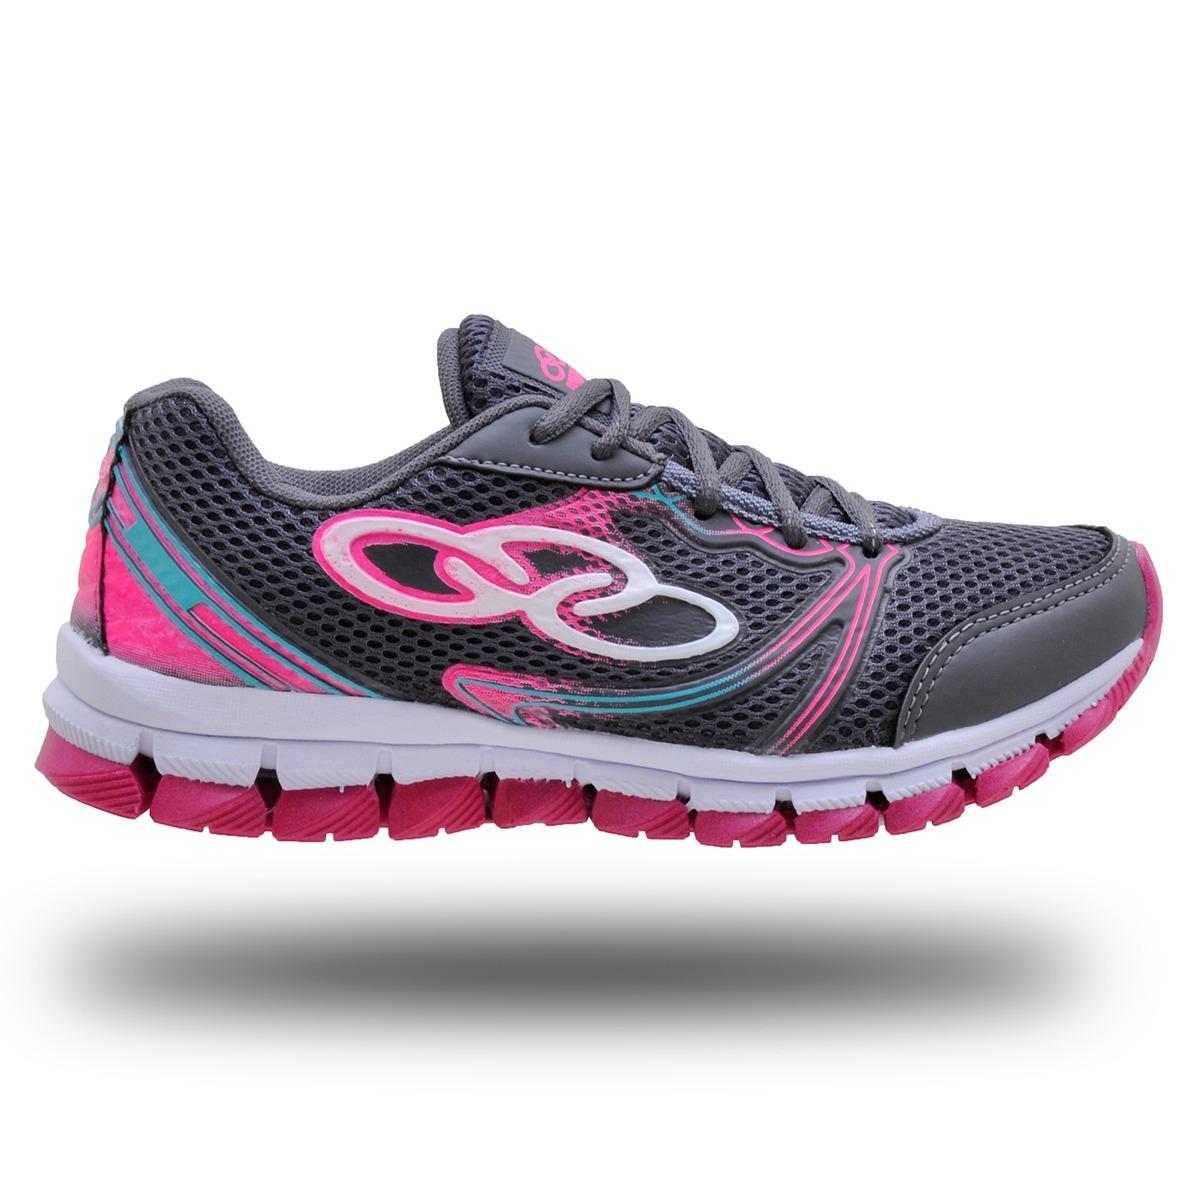 30fae6e8370 tenis olympikus feminino masculino para caminhada promoção. Carregando zoom.